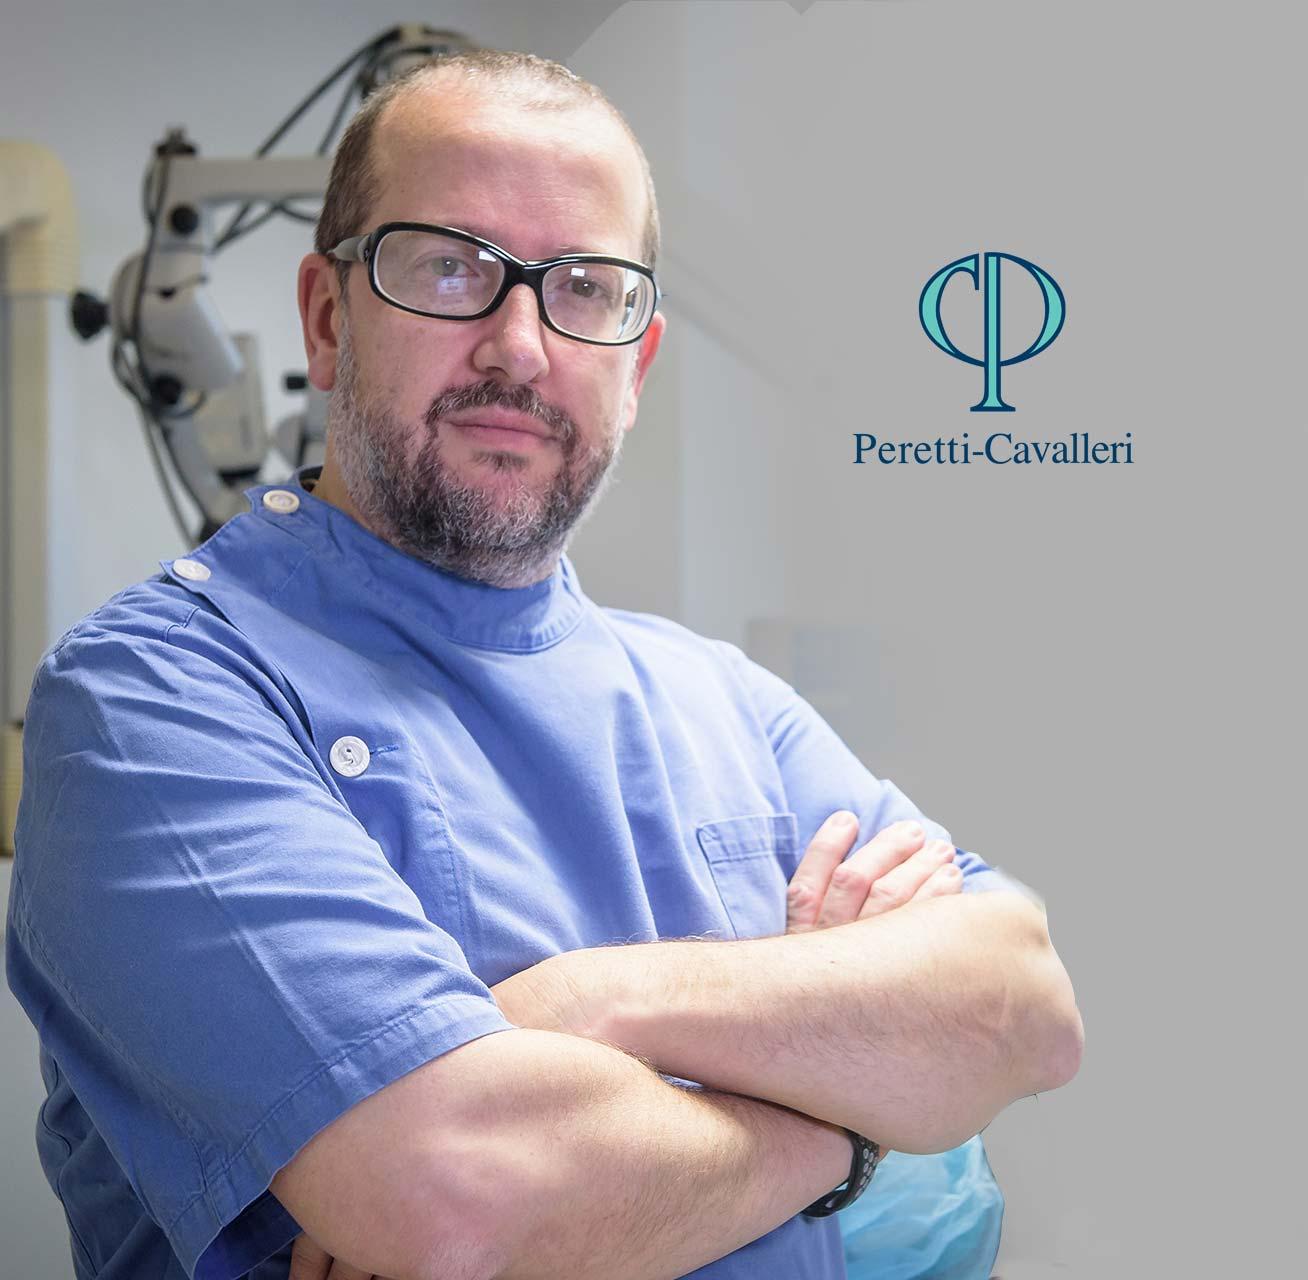 dott paolo lovato studio dentistico verona